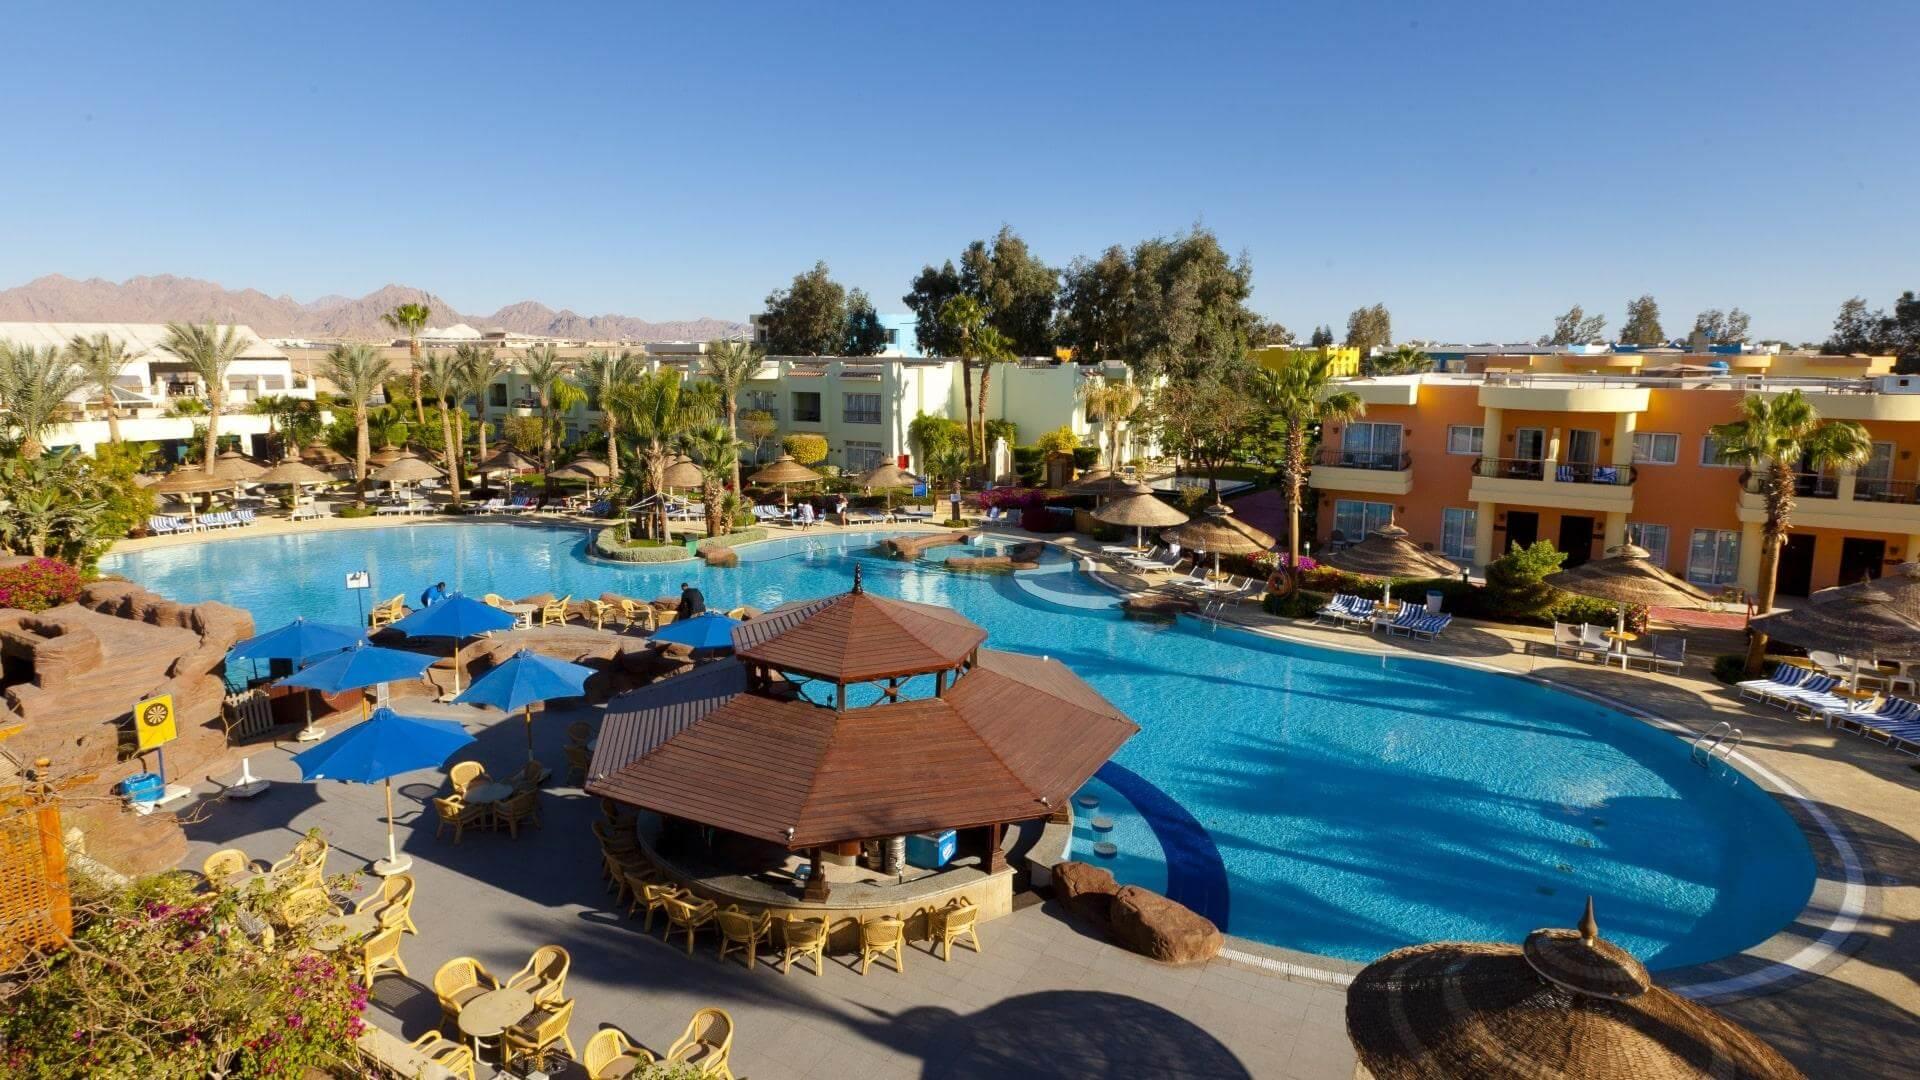 4-звездочный отель Sierra в Шарм-эль-Шейхе